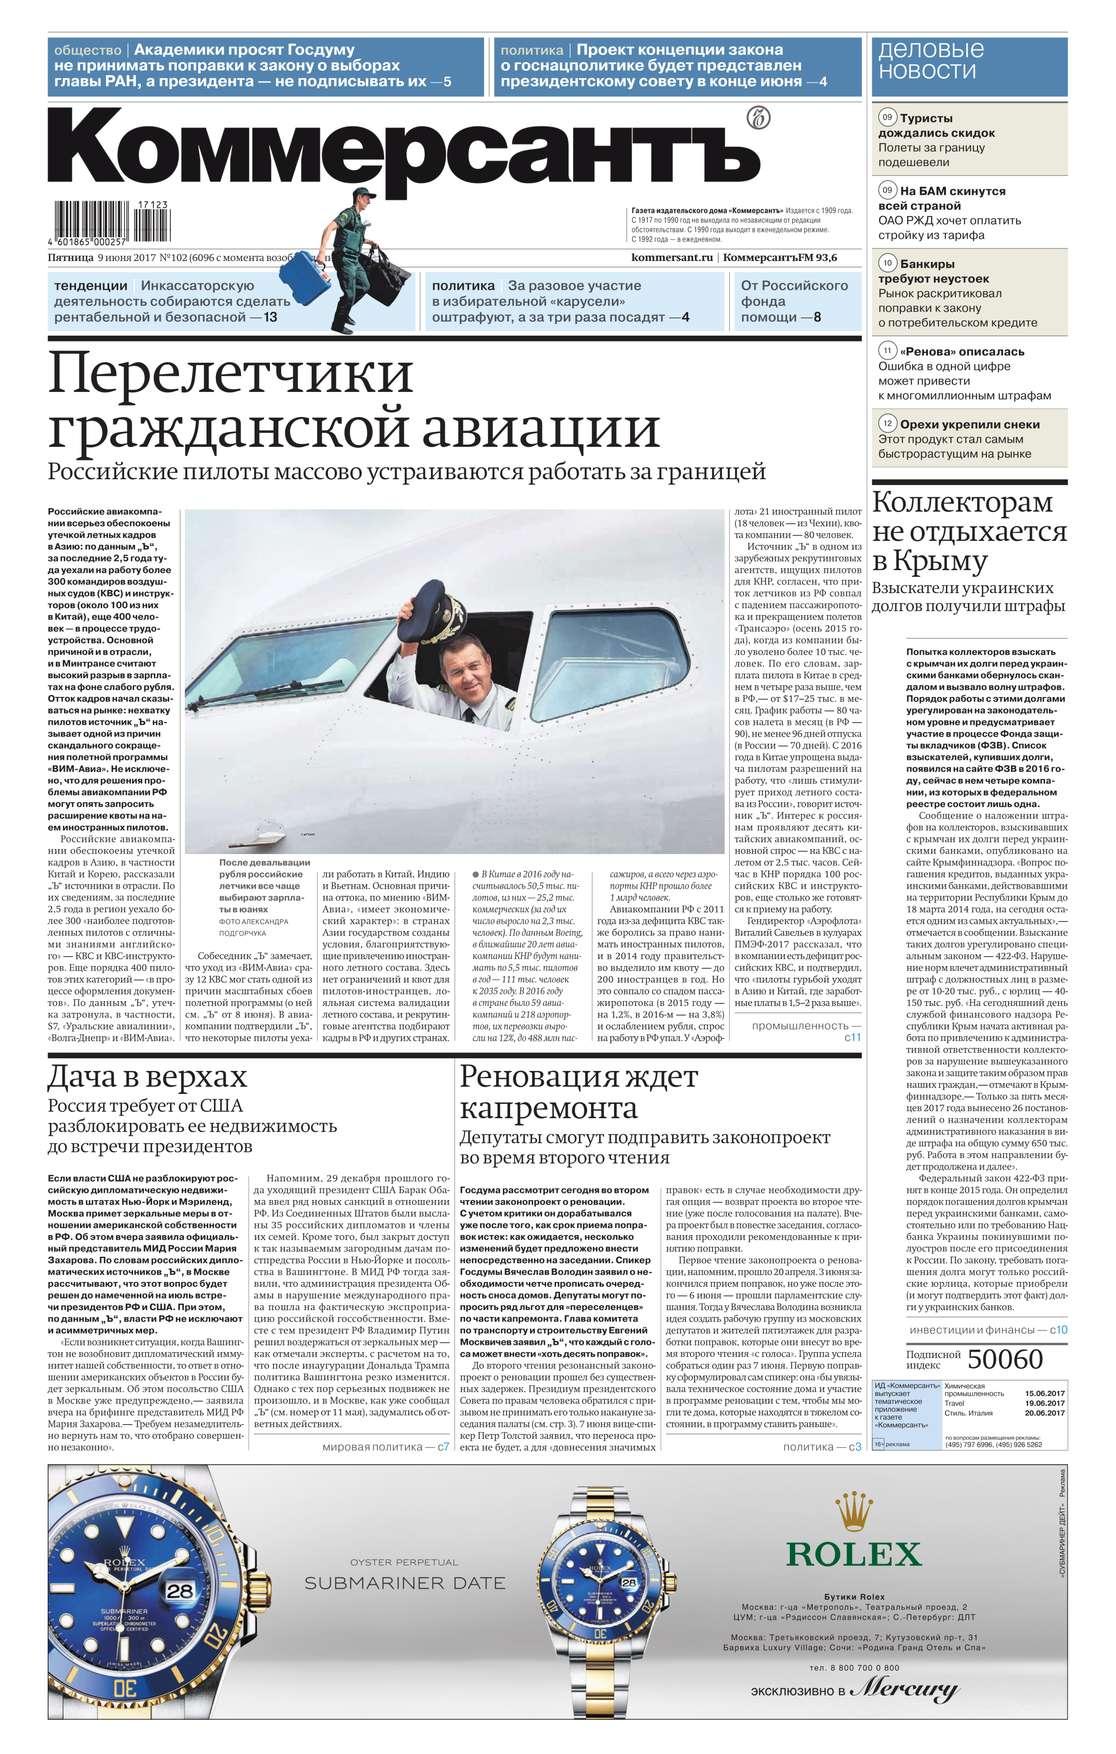 цена на Редакция газеты Коммерсантъ (понедельник-пятница) Коммерсантъ (понедельник-пятница) 102-2017